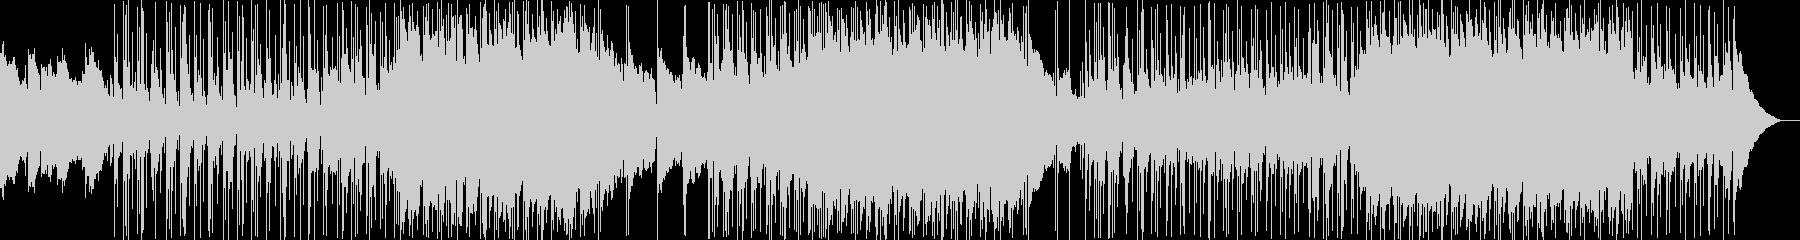 ポップソフトポップ/ロックインスト...の未再生の波形